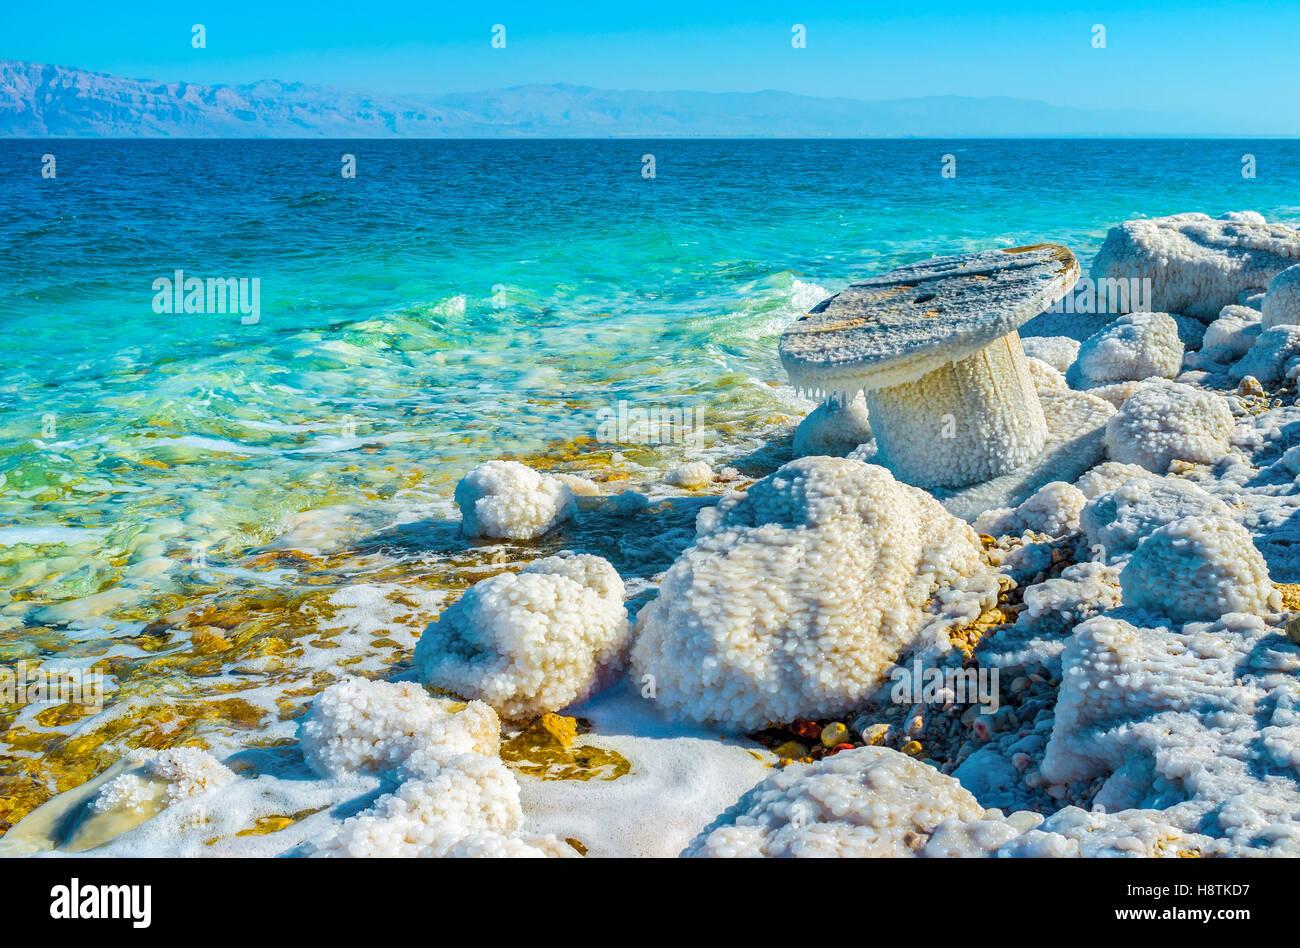 El Mar Muerto es la frontera natural entre Jordania al este y a Israel y Palestina al oeste, Ein Gedi, Israel. Foto de stock